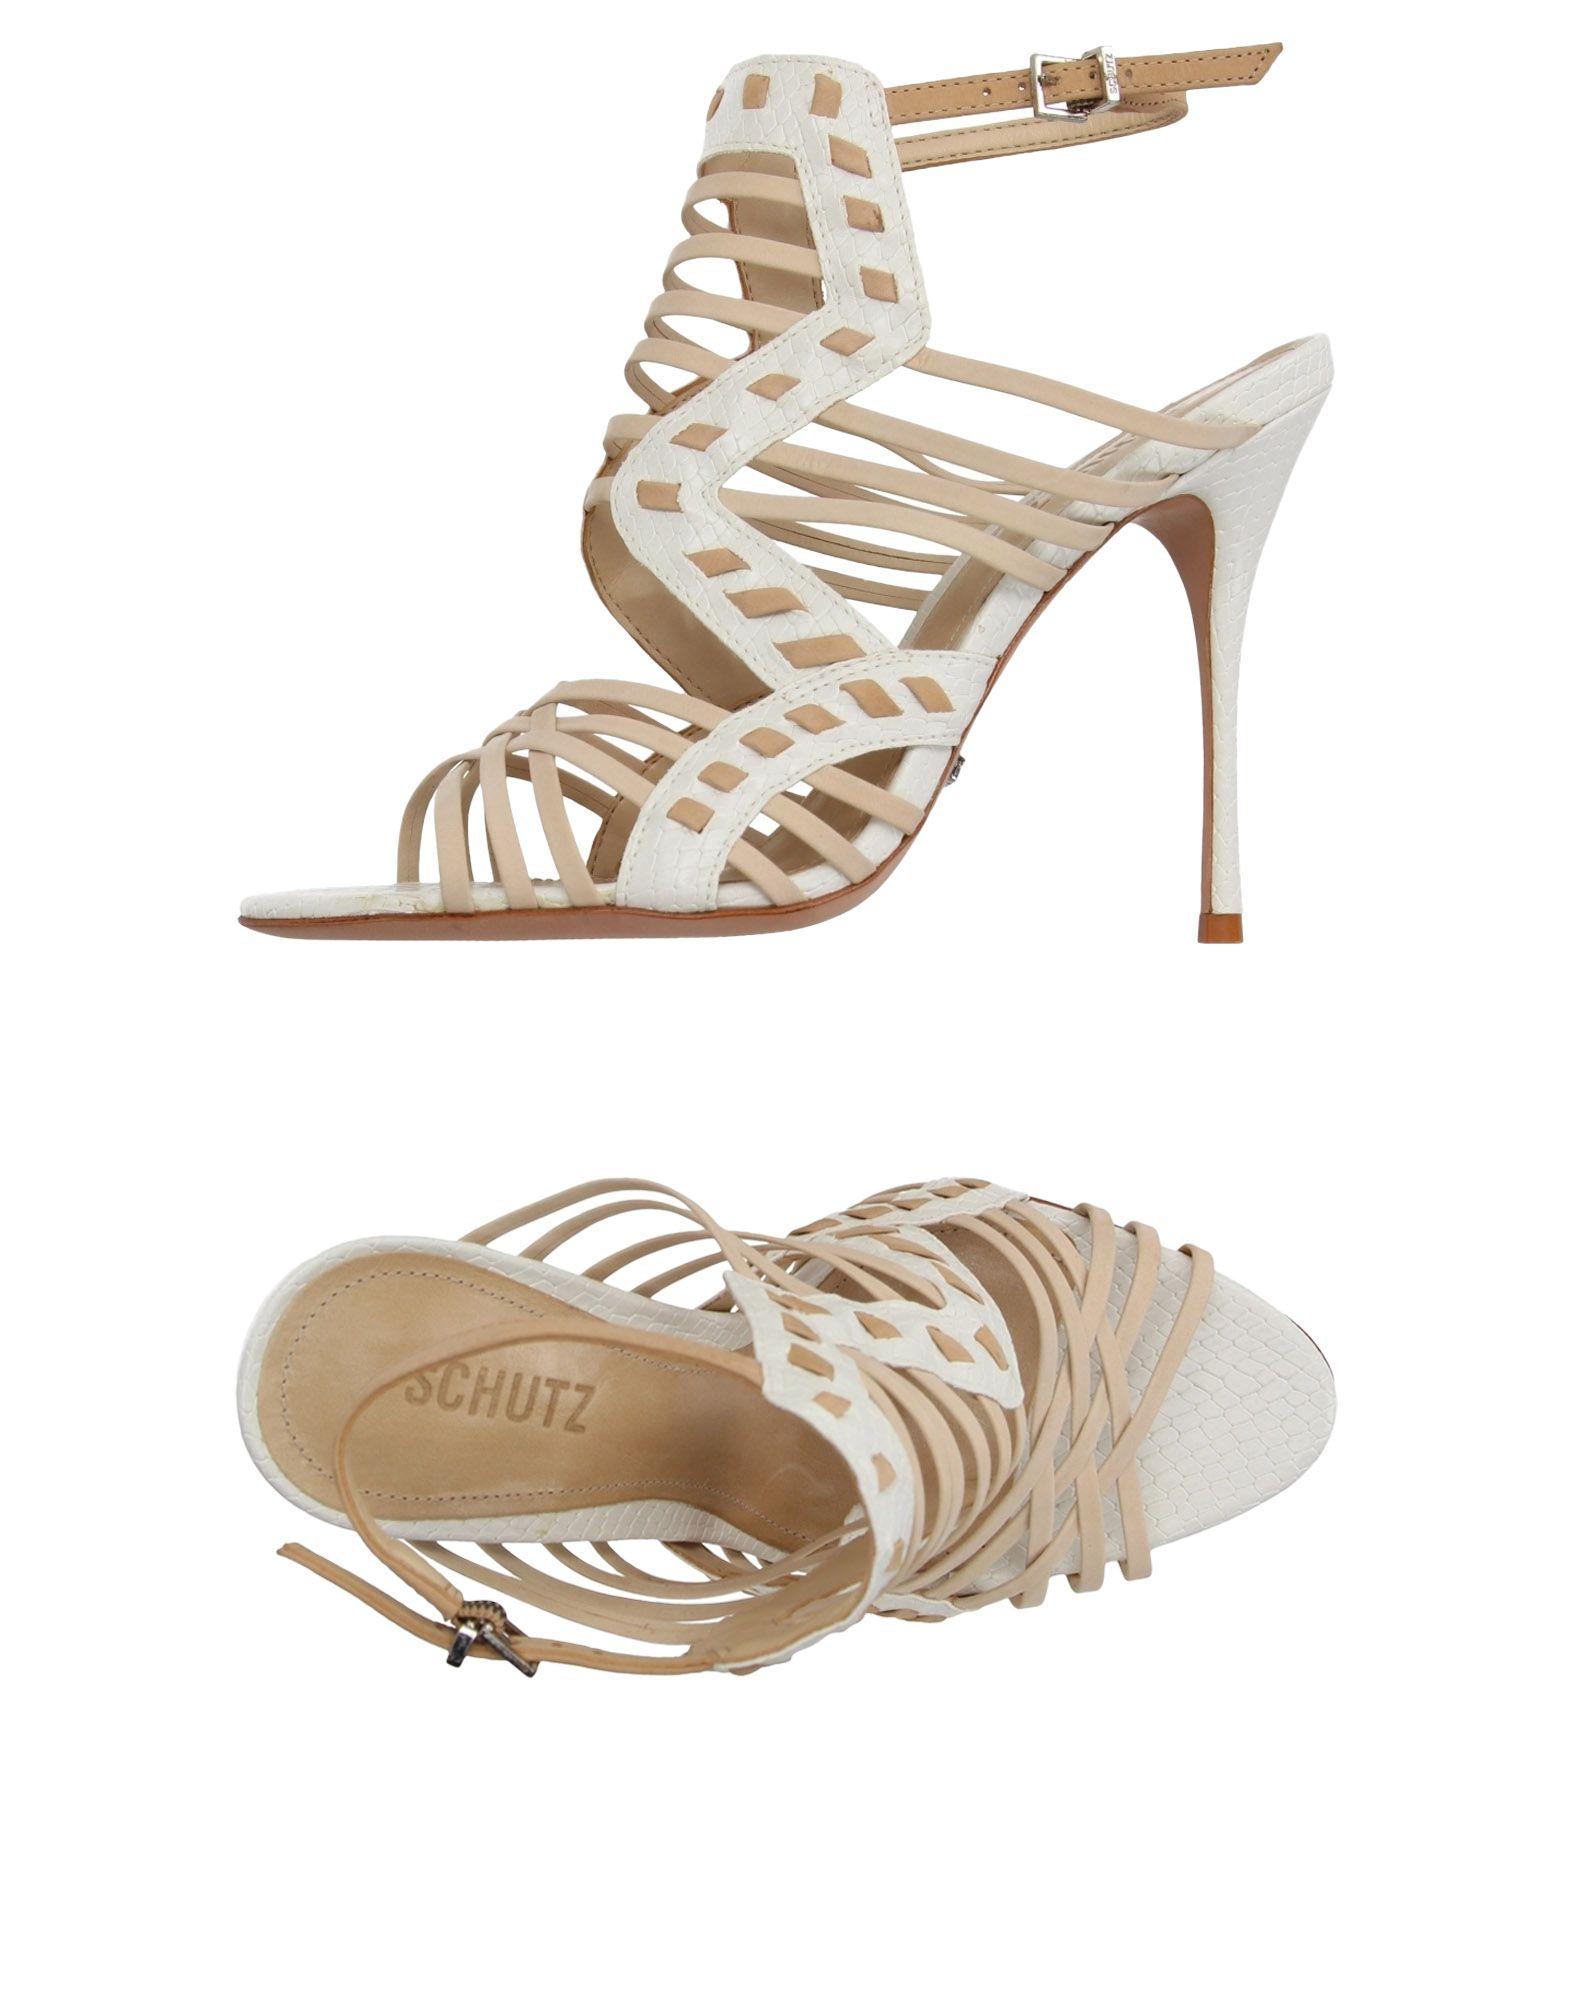 Moda Sandali Schutz Donna - 11179605GJ